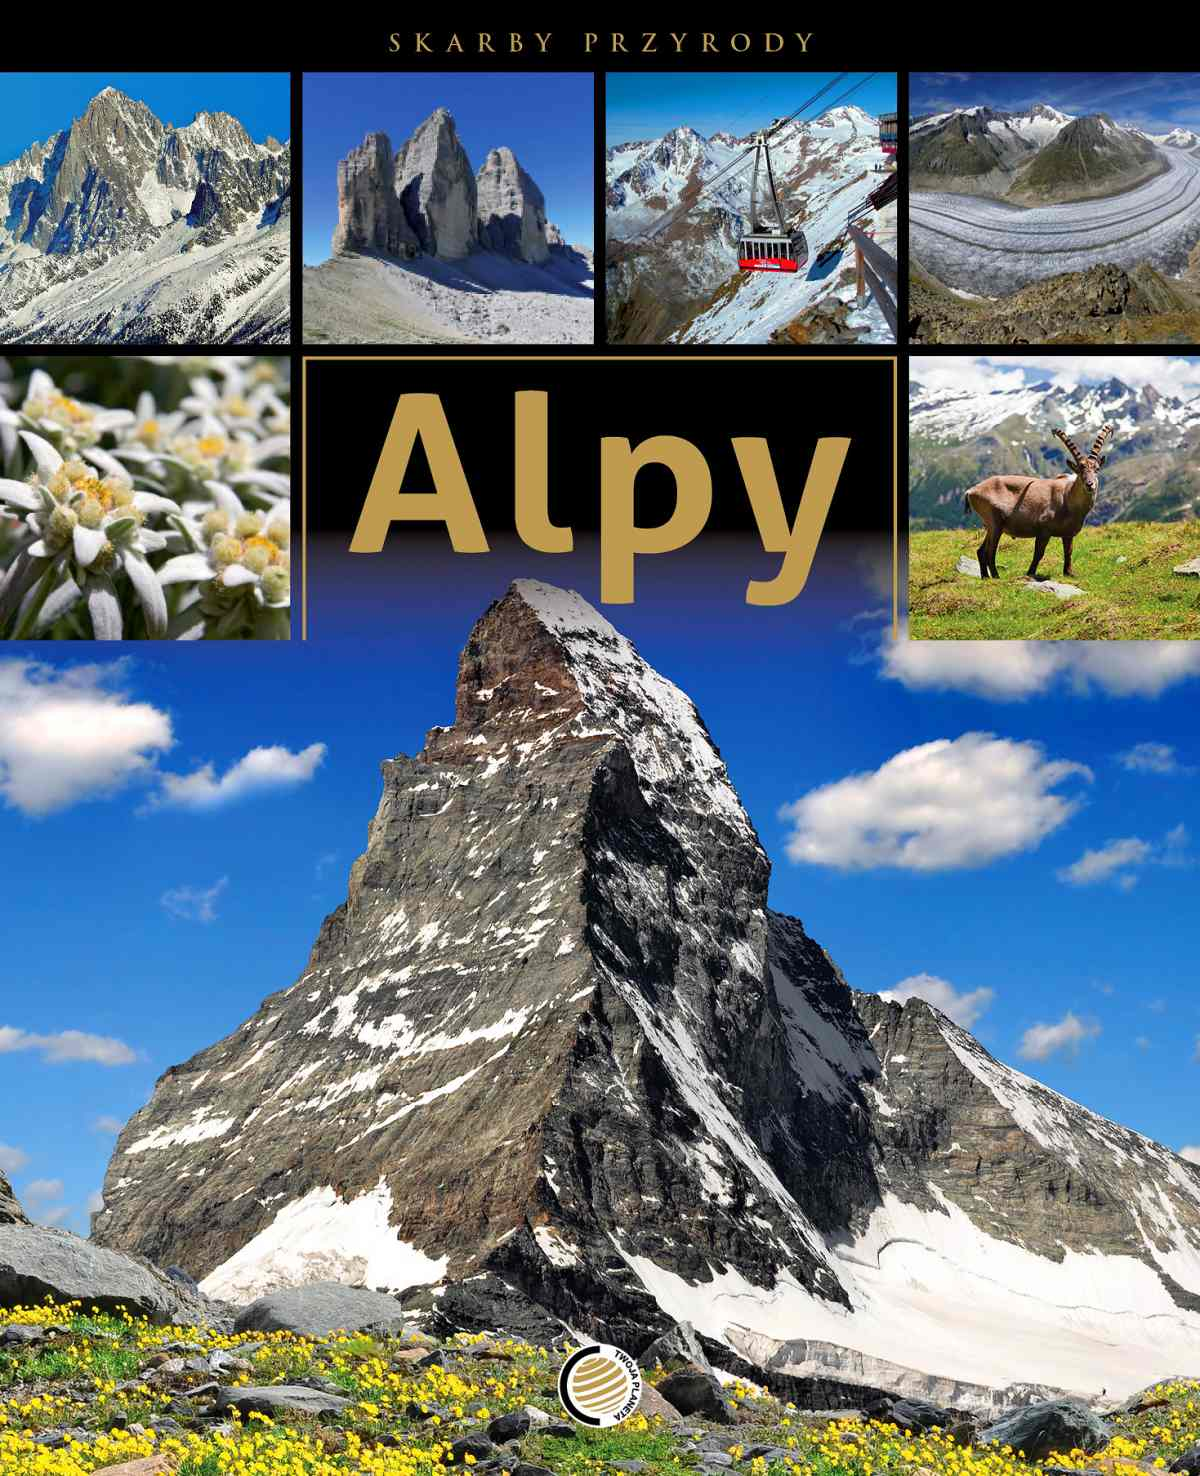 Alpy - Ebook (Książka PDF) do pobrania w formacie PDF